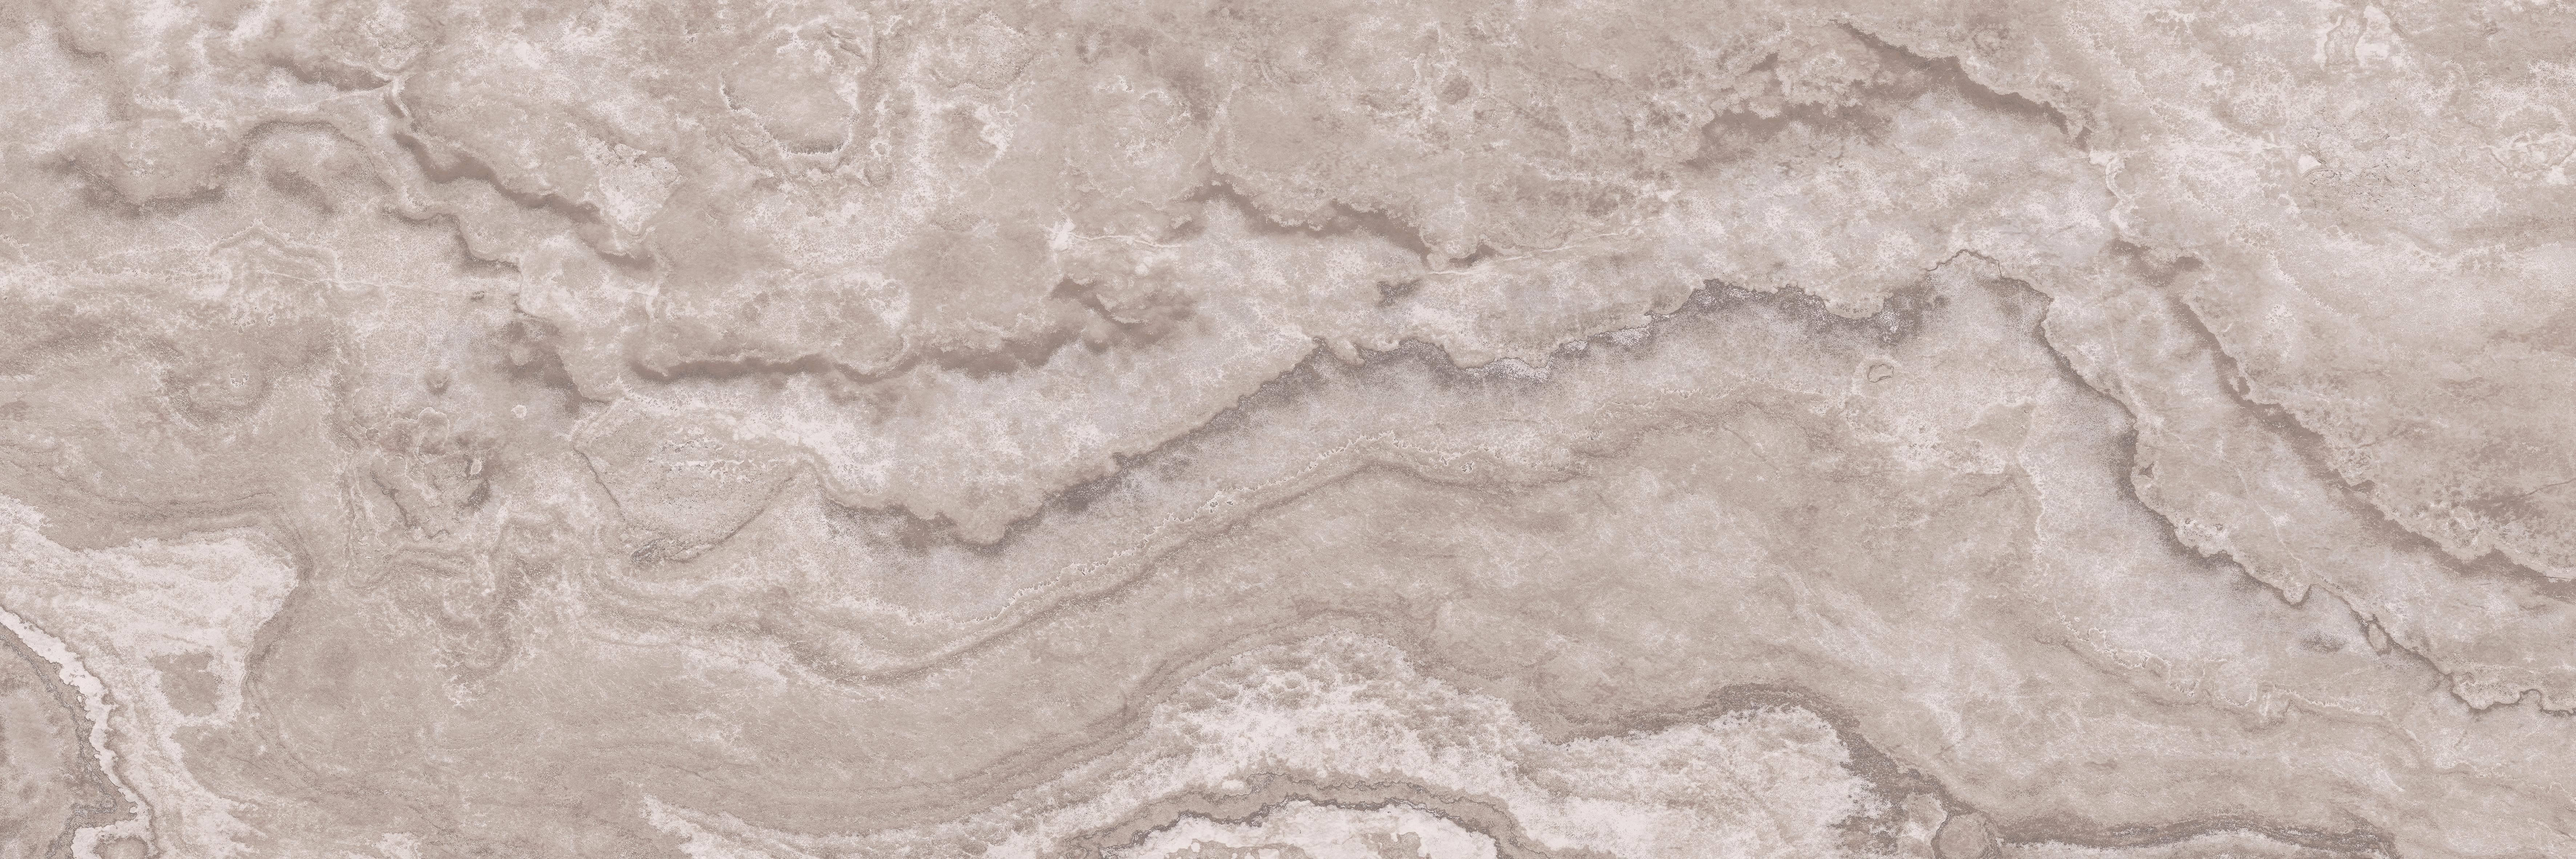 Marmo Плитка настенная тёмно-бежевый 17-01-11-1189 20х60